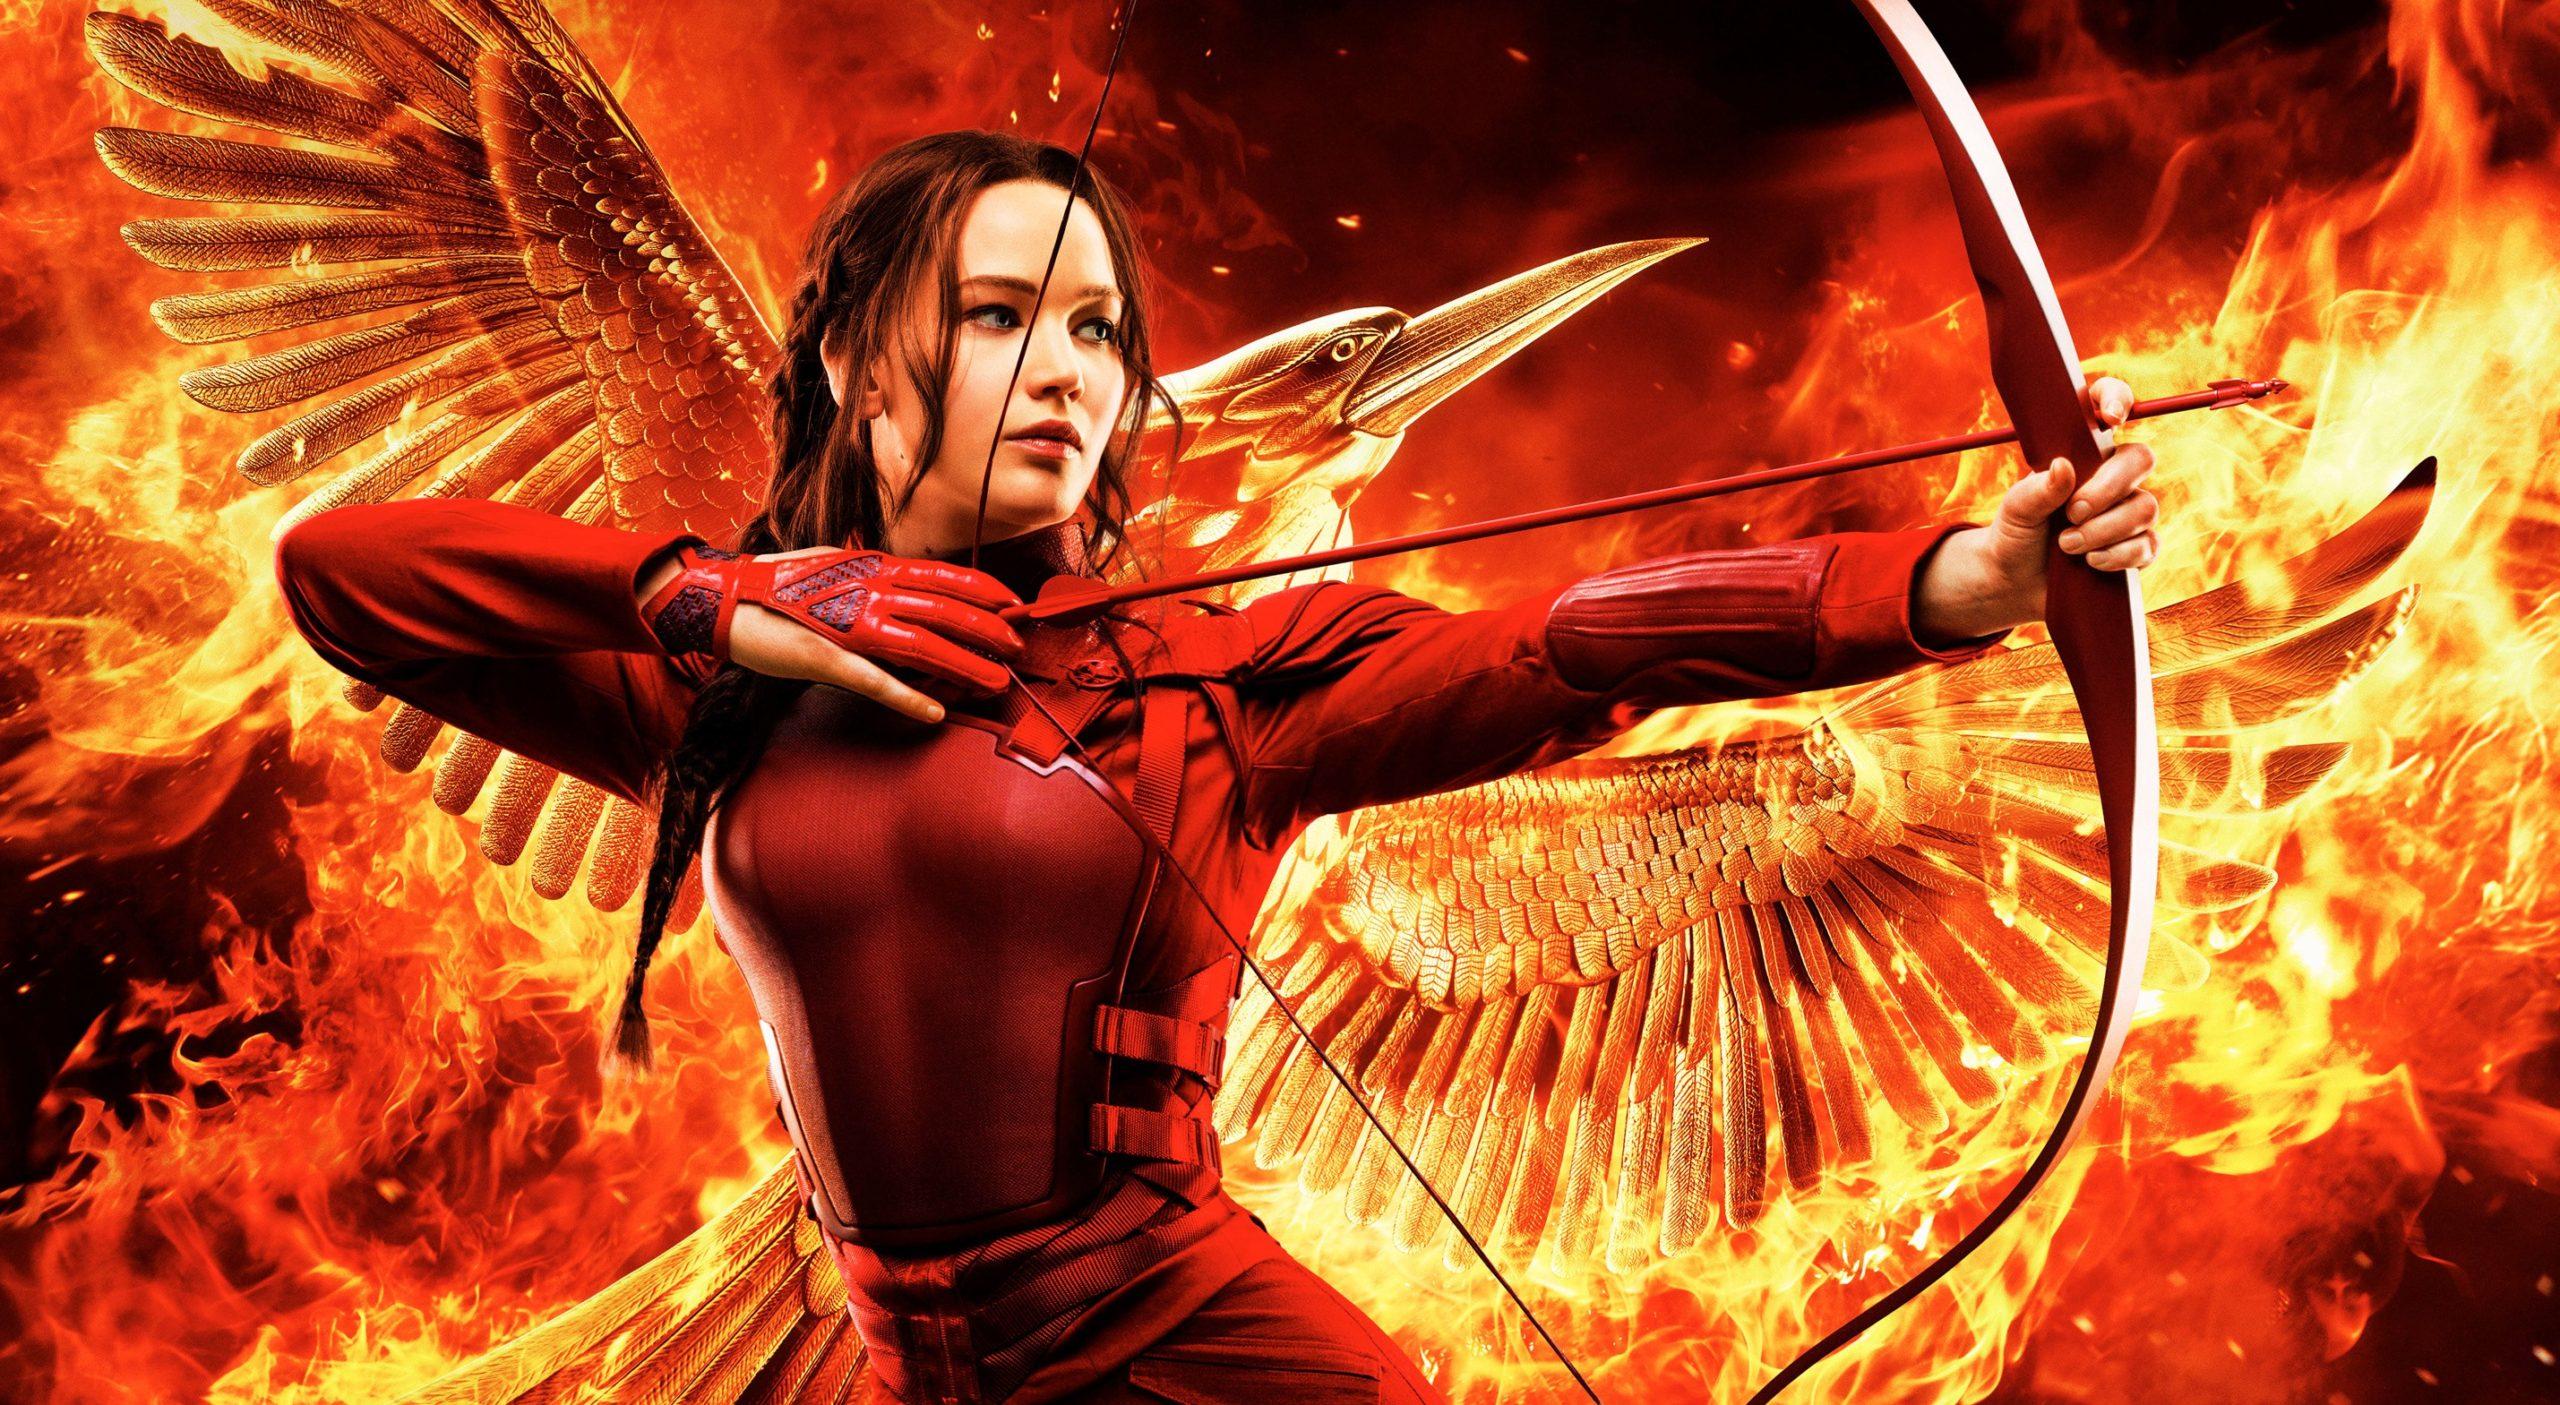 A imagem mostra Katniss com um macacão vermelho. Ela está segurando um arco e flecha pronto para ser disparado e seu cabelo, castanho escuro, está penteado em uma trança lateral. Ao fundo vemos uma ave, o tordo, em chamas.